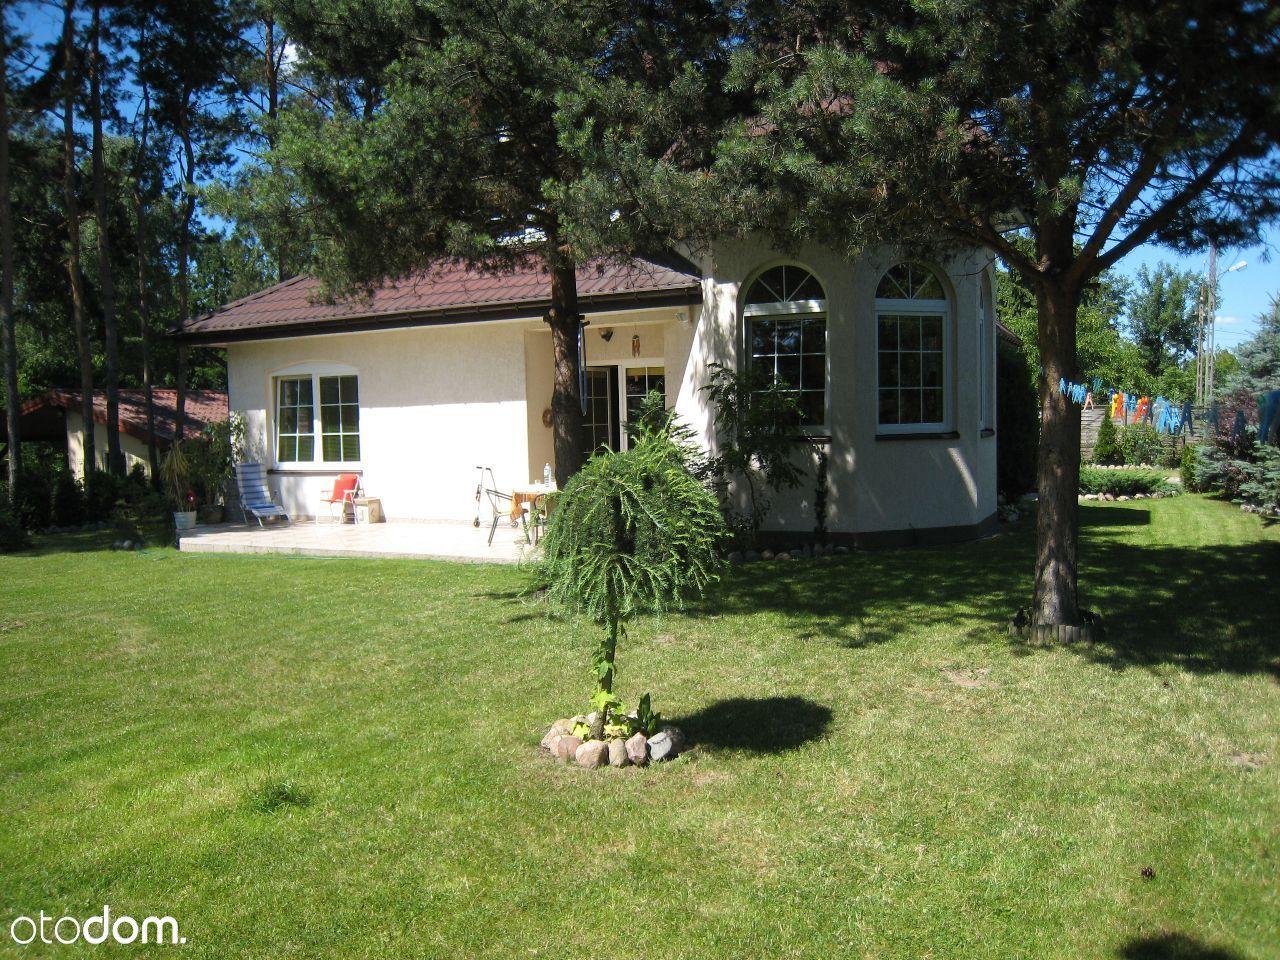 Dom na sprzedaż, Izabelin, warszawski zachodni, mazowieckie - Foto 2